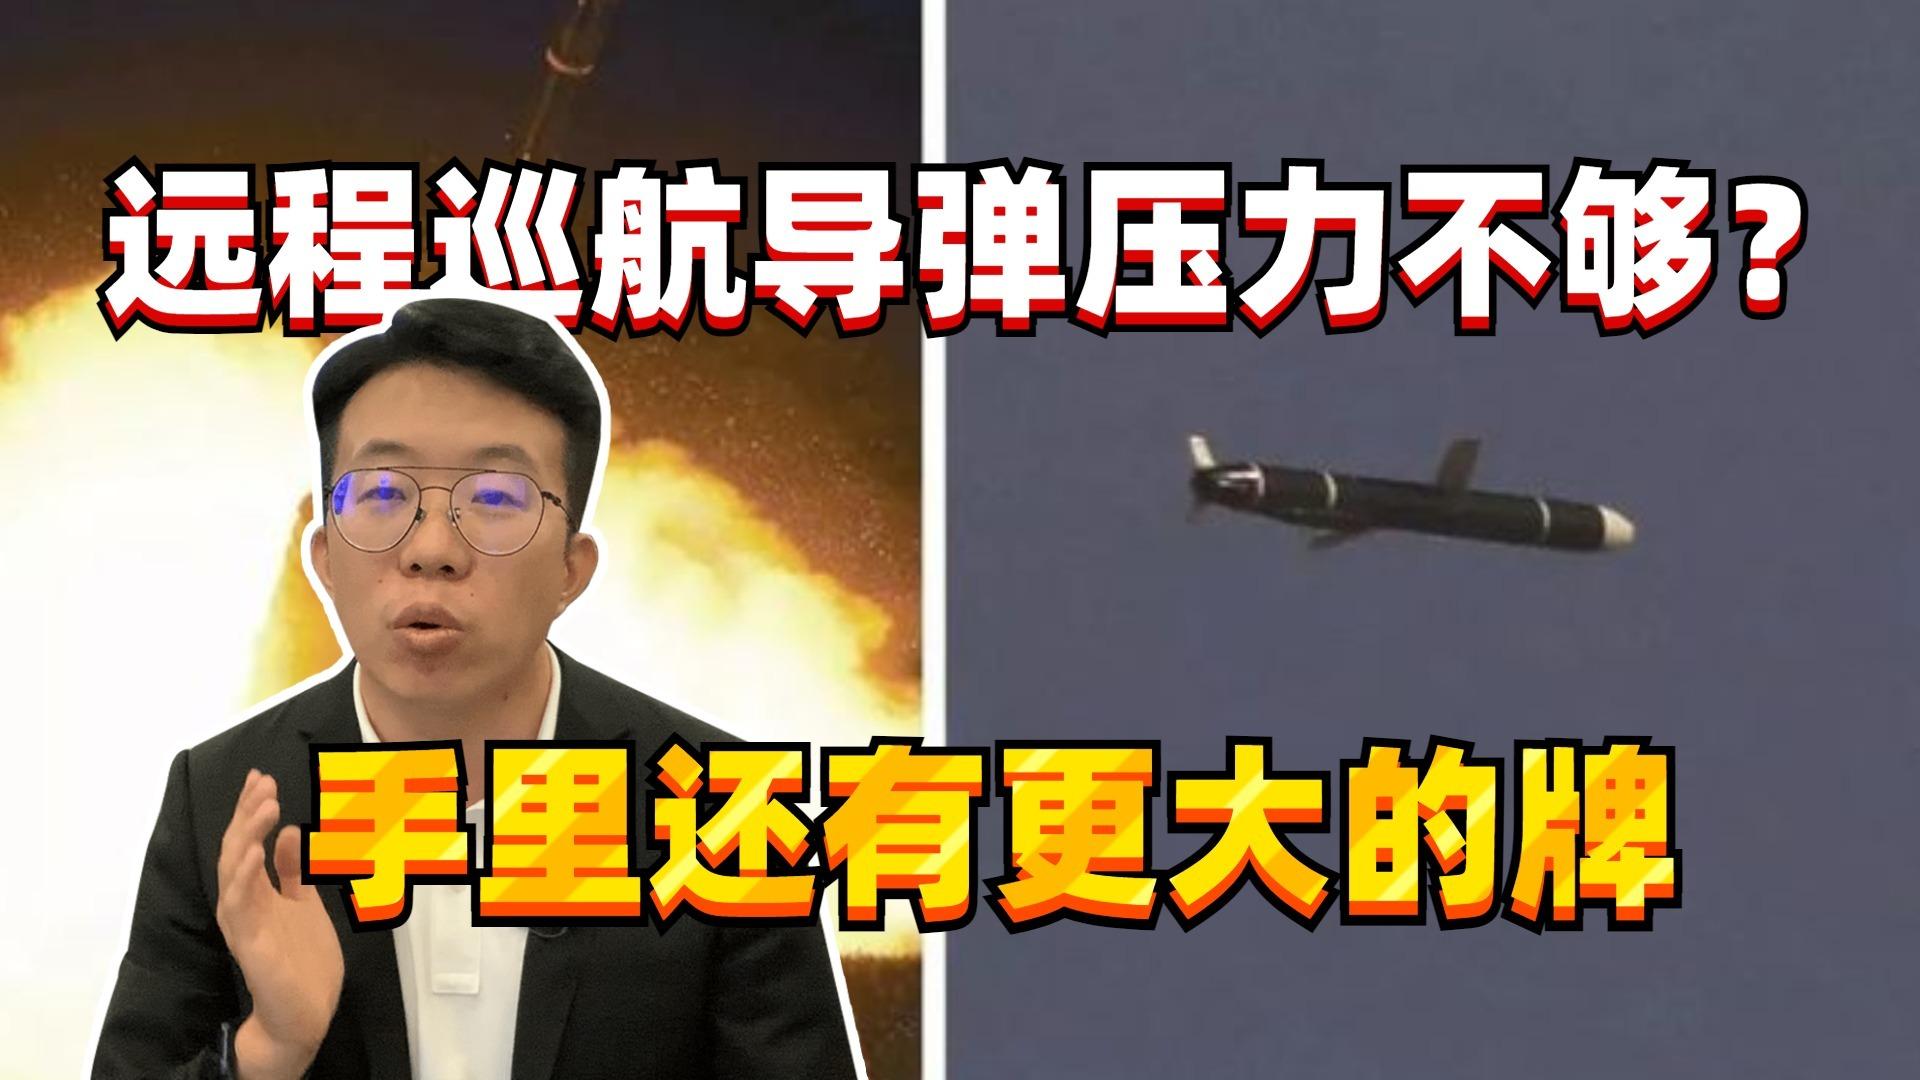 朝鲜公布巡航导弹详细参数 韩专家:或为回应韩国装备潜射弹道导弹